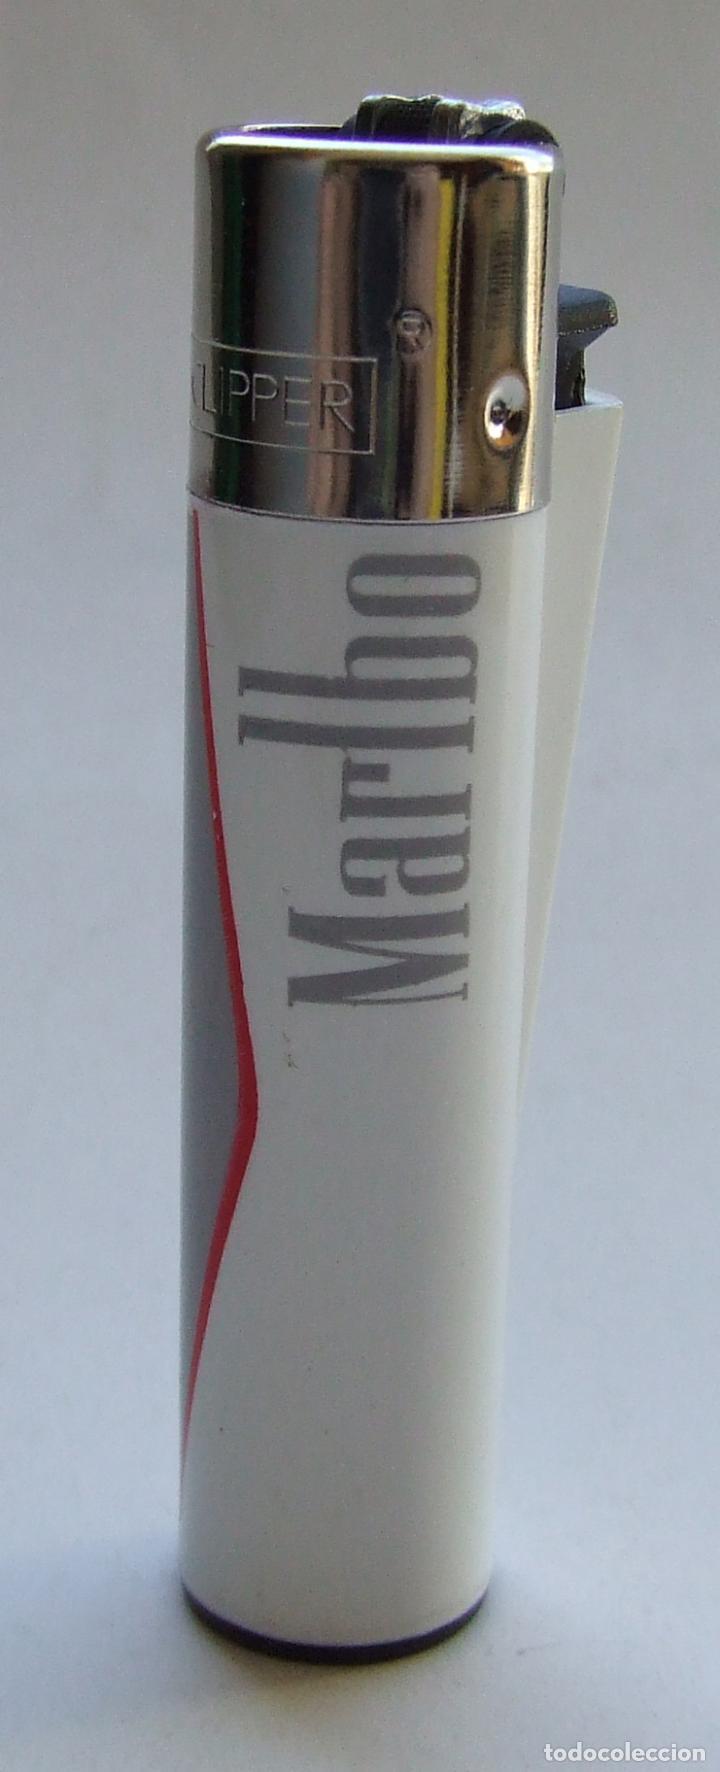 MECHERO ENCENDEDOR CLIPPER PUBLICIDAD MARLBORO NUEVO (Coleccionismo - Objetos para Fumar - Mecheros)